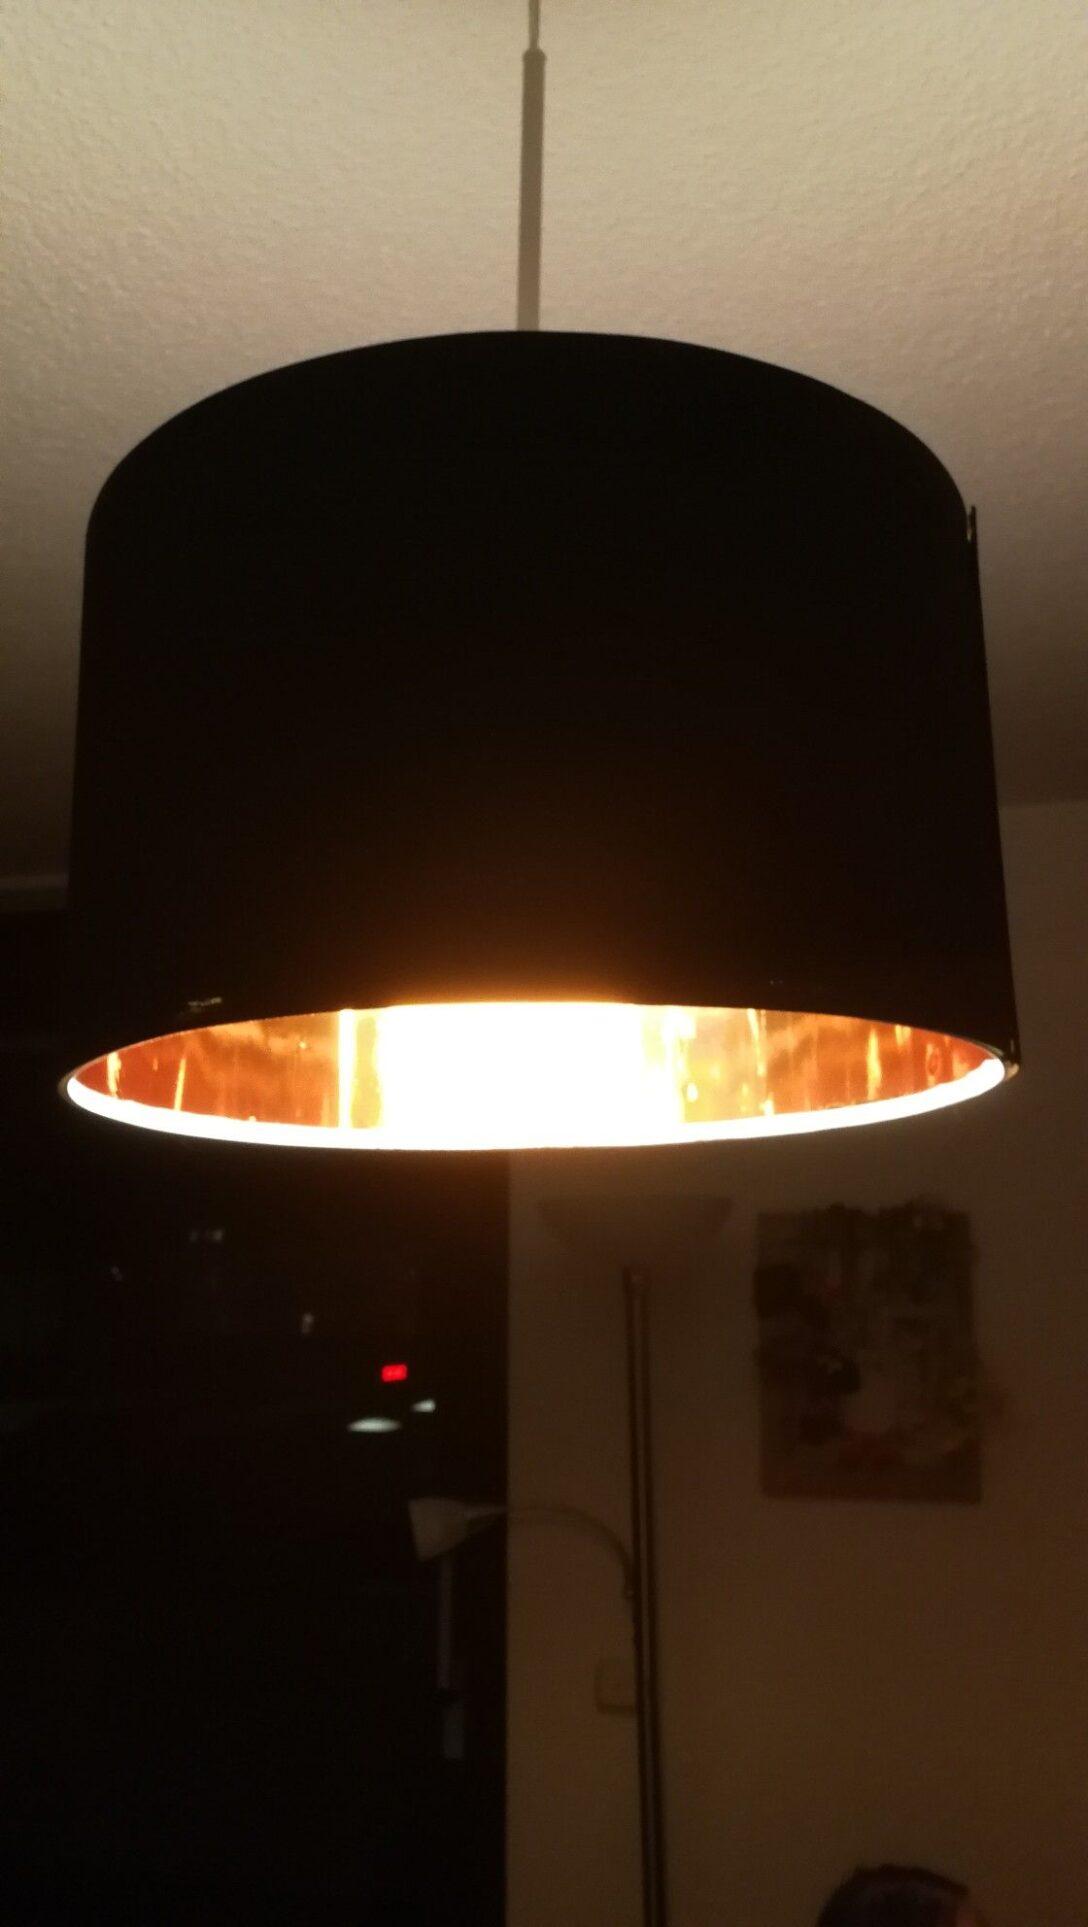 Large Size of Wohnzimmer Lampen Ikea Von Lampe Stehend Leuchten Decke Board Deckenlampe Schlafzimmer Landhausstil Tapete Relaxliege Deko Bad Led Esstisch Sofa Mit Wohnzimmer Wohnzimmer Lampe Ikea